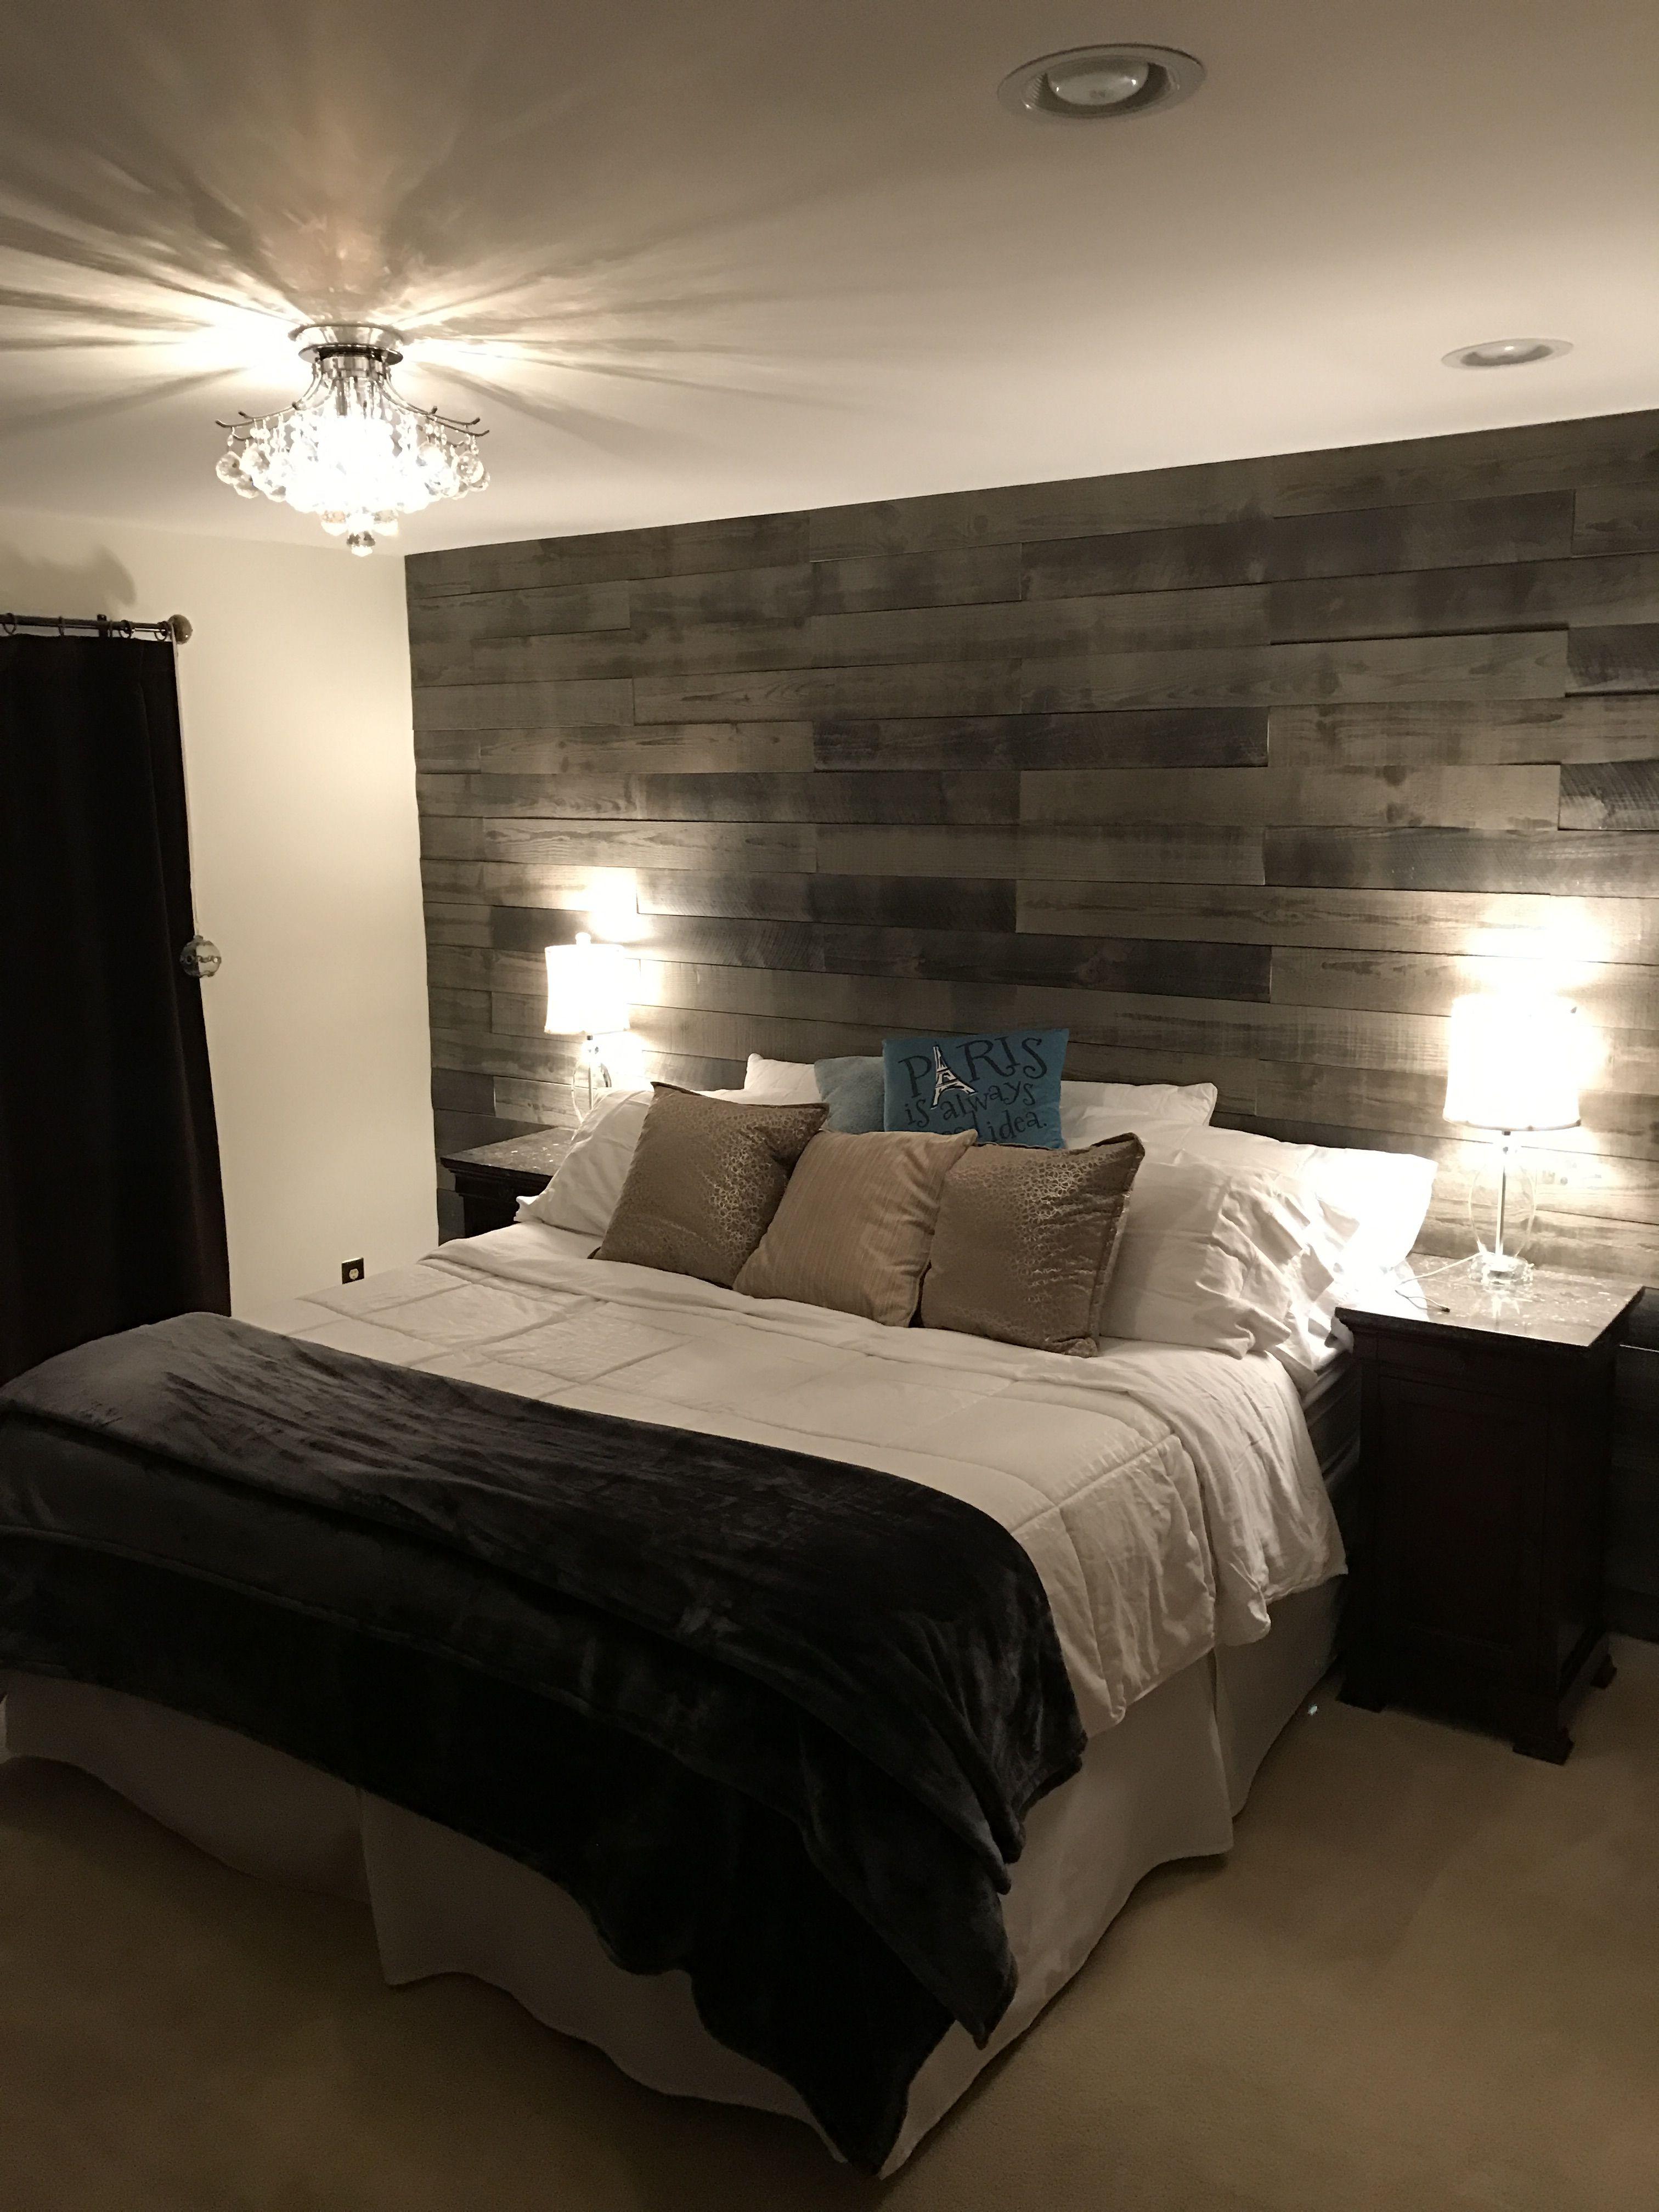 Bedroom Master Bedroom Makeover Home Decor Bedroom Bedroom Makeover